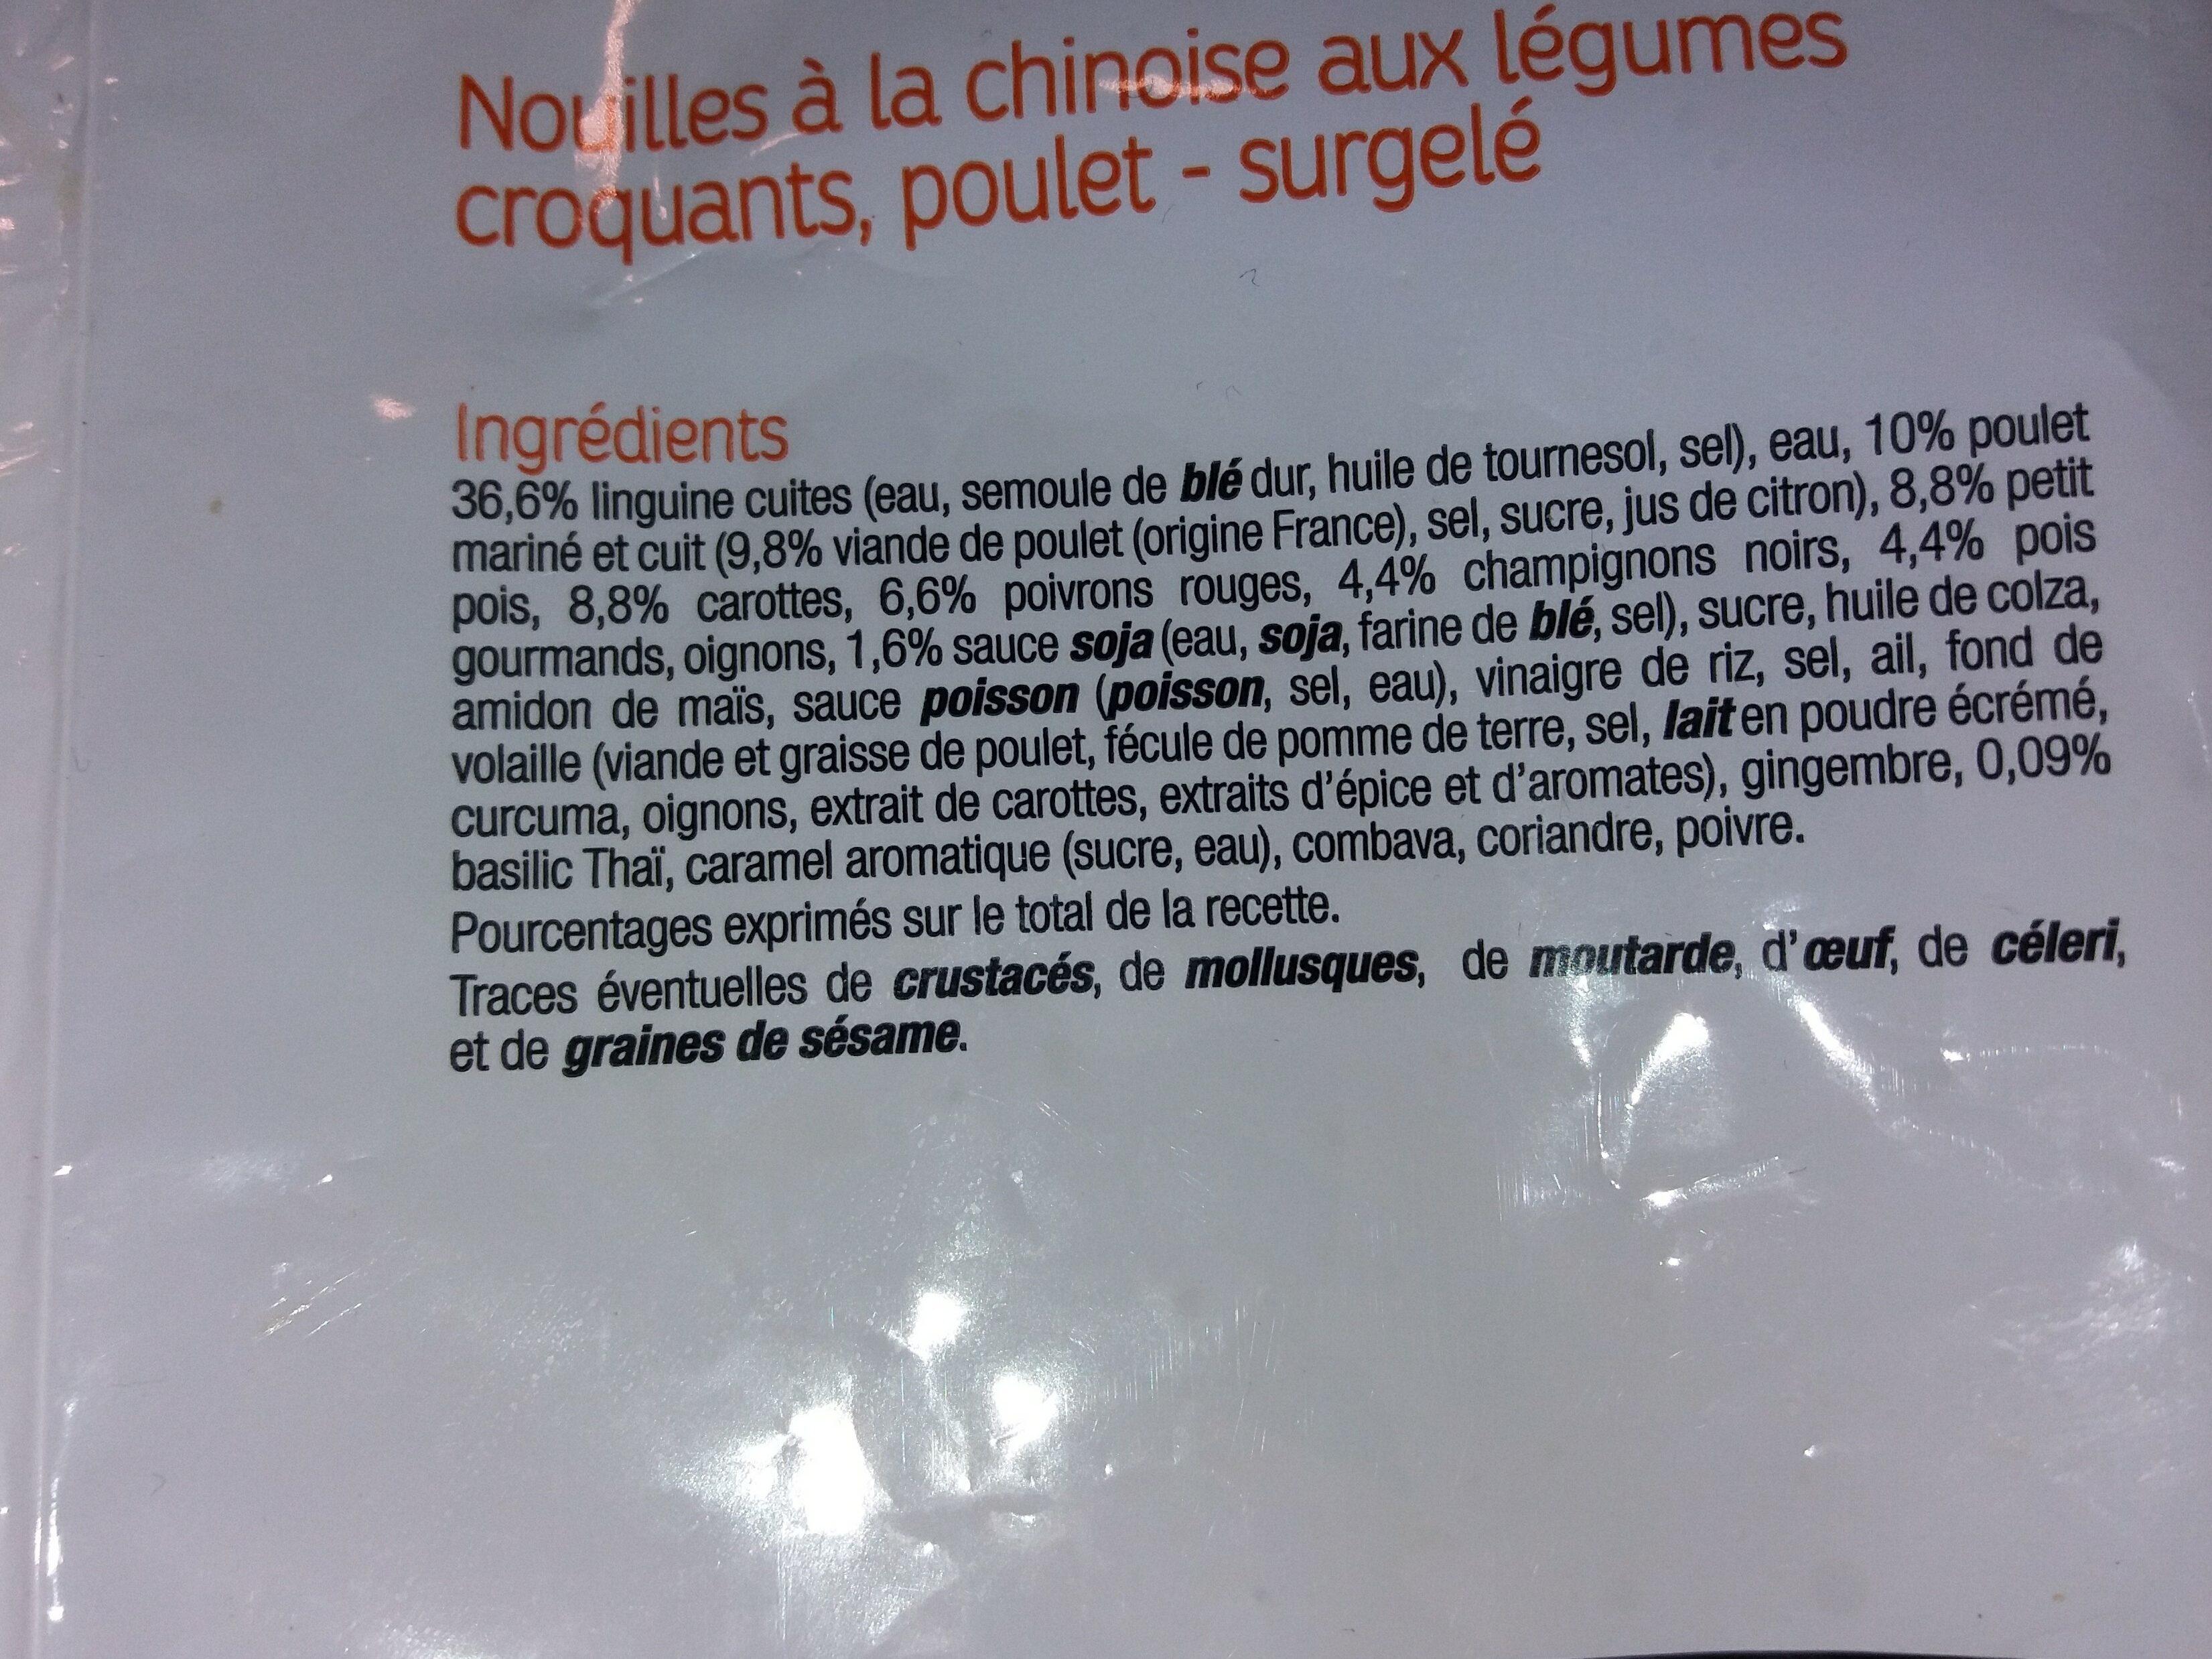 Nouilles à la chinoise, légumes croquants et poulet - Ingredients